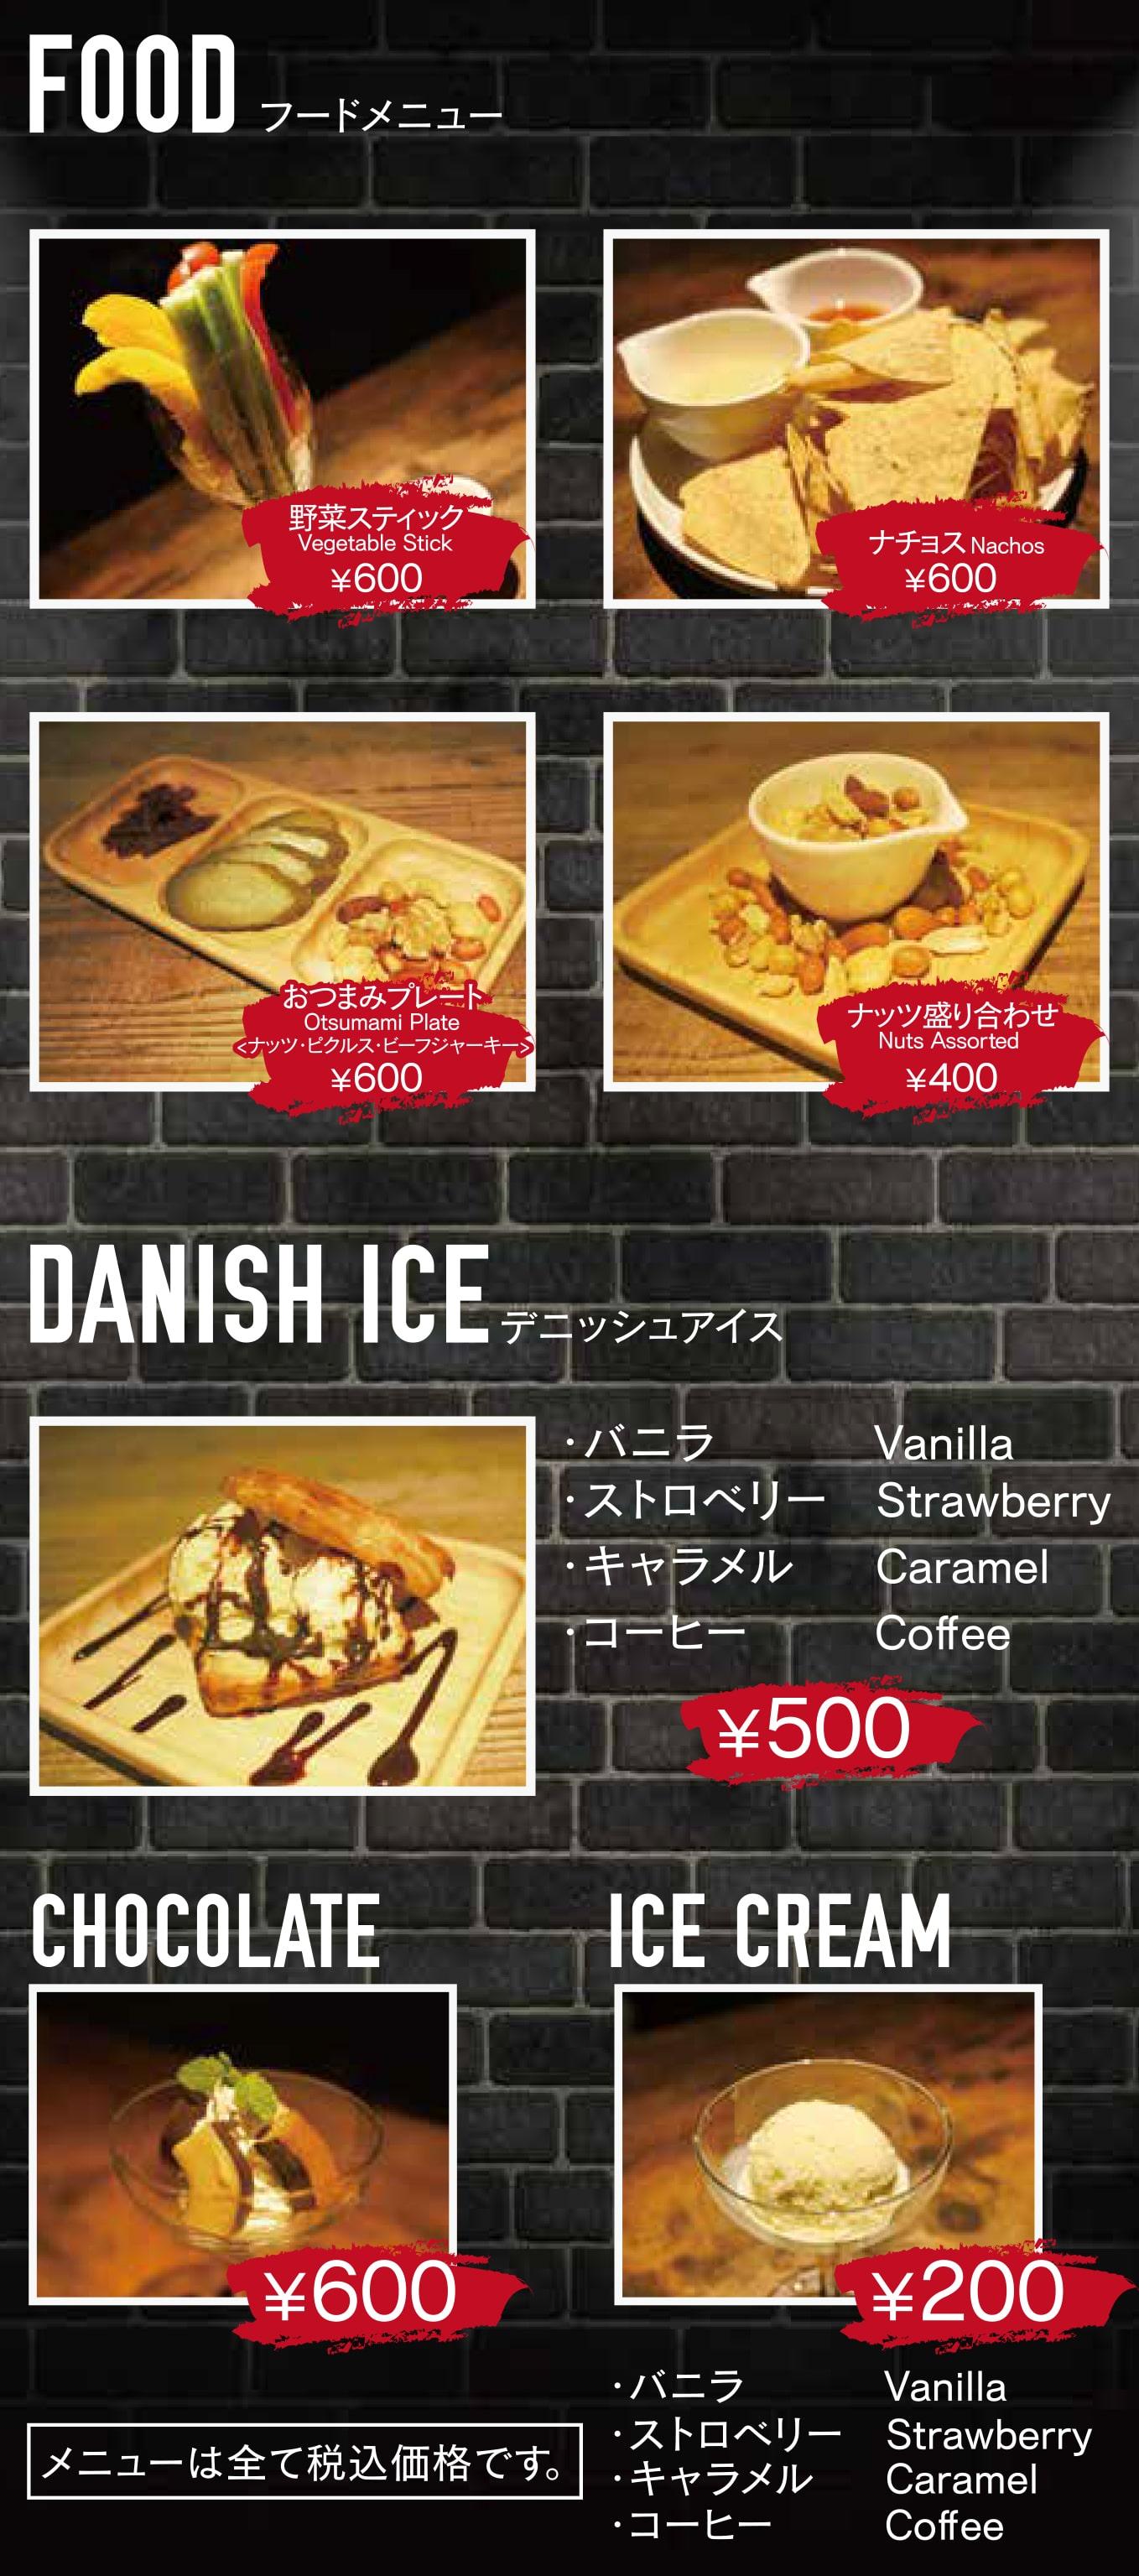 フードメニュー・デニッシュアイス・チョコレート・アイスクリーム